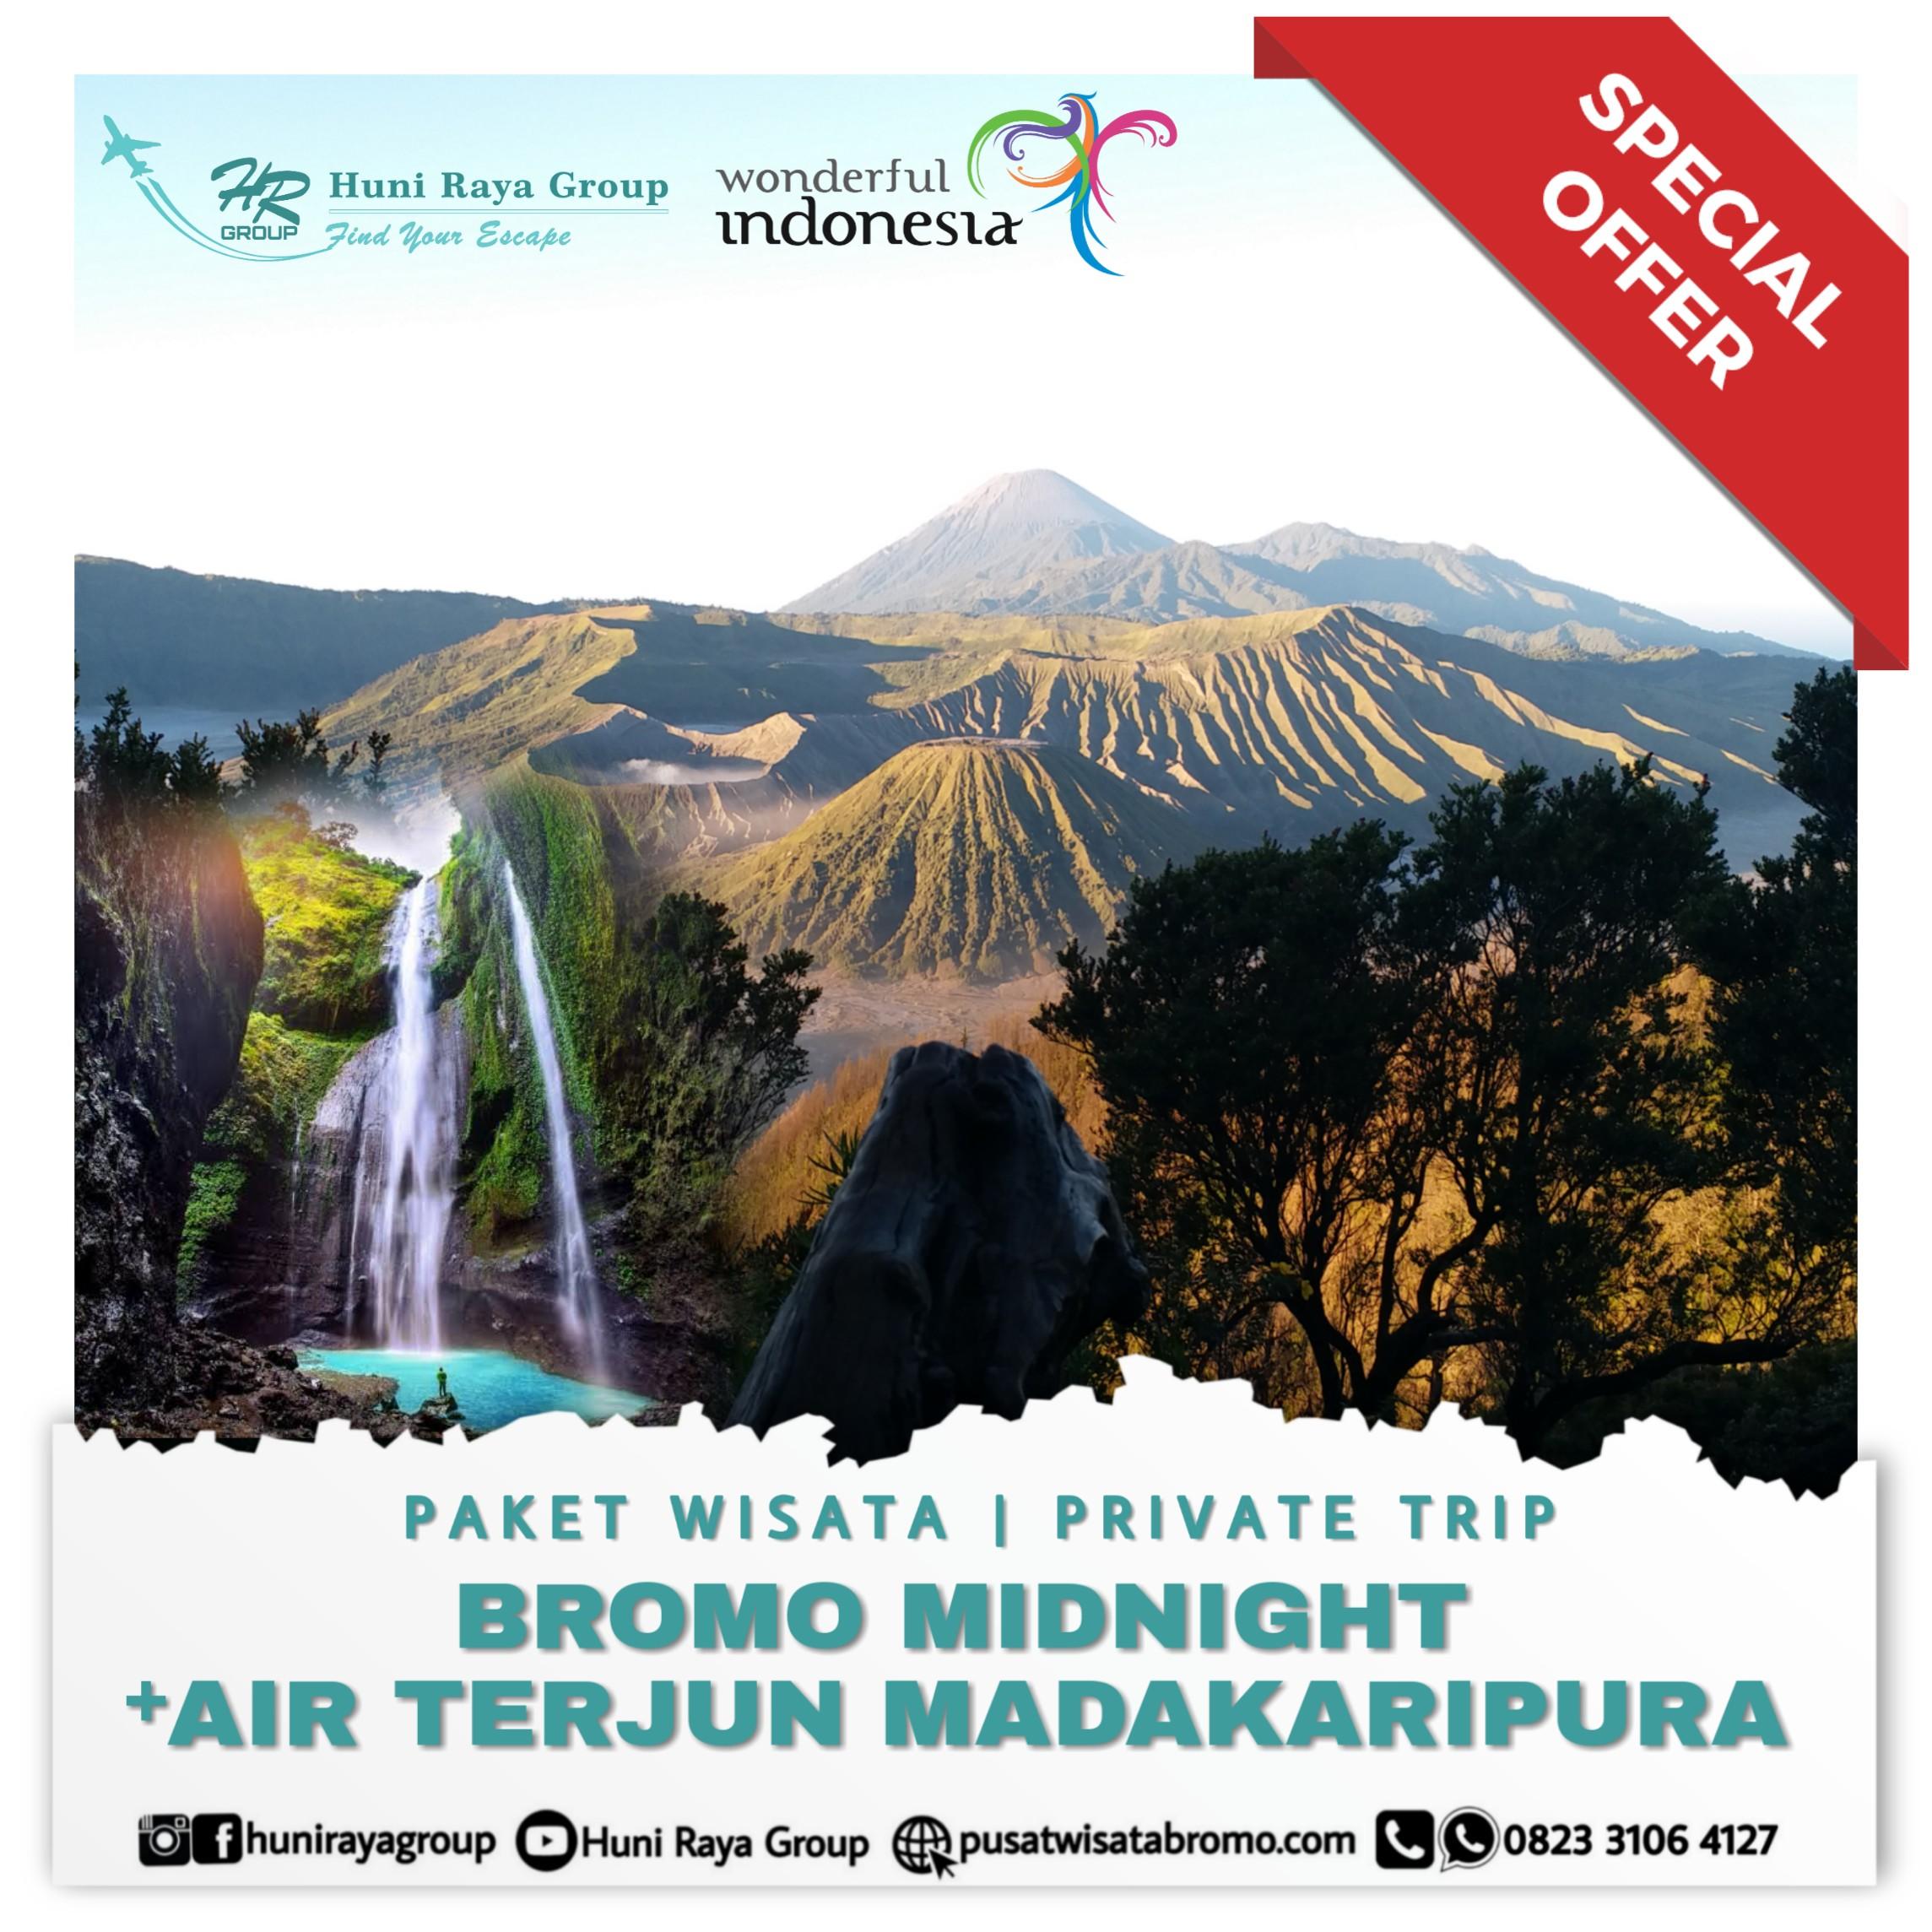 paket wisata bromo midnight dan air terjun madakaripura dari malang atau surabaya terbaru